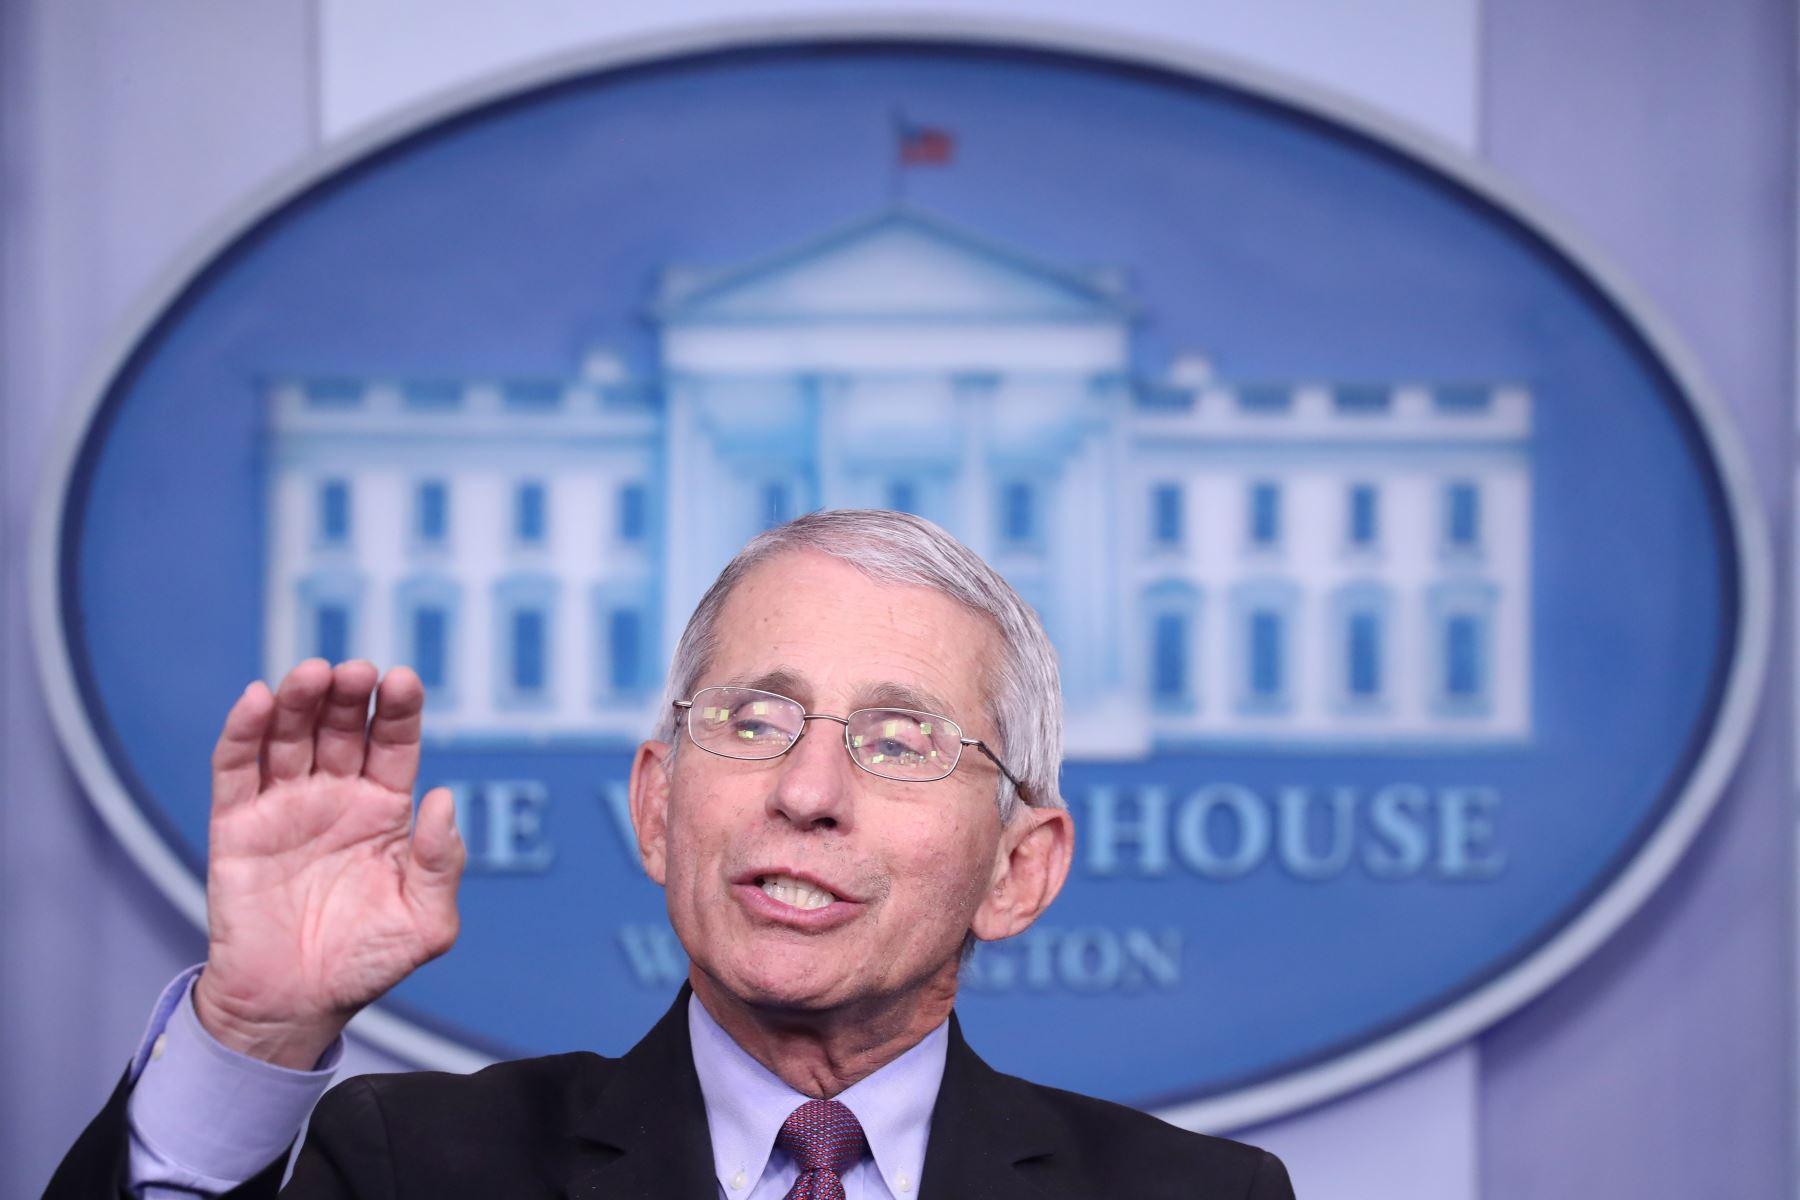 El principal experto en enfermedades infecciosas en Estados Unidos, Anthony Fauci. Foto: EFE